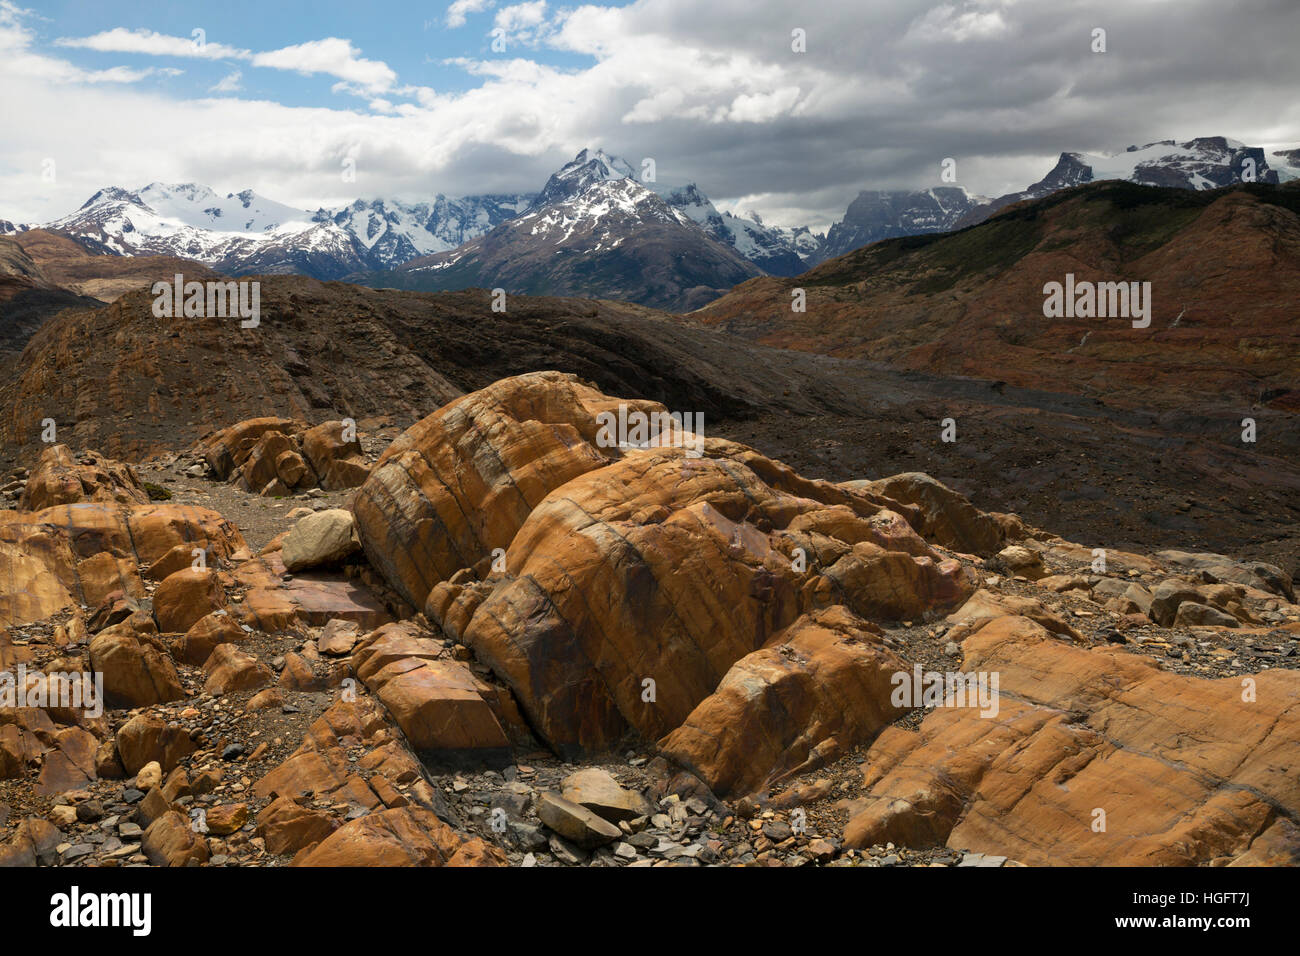 Red rocks and Andes mountains, Estancia Cristina, Lago Argentino, El Calafate, Parque Nacional Los Glaciares, Patagonia, - Stock Image